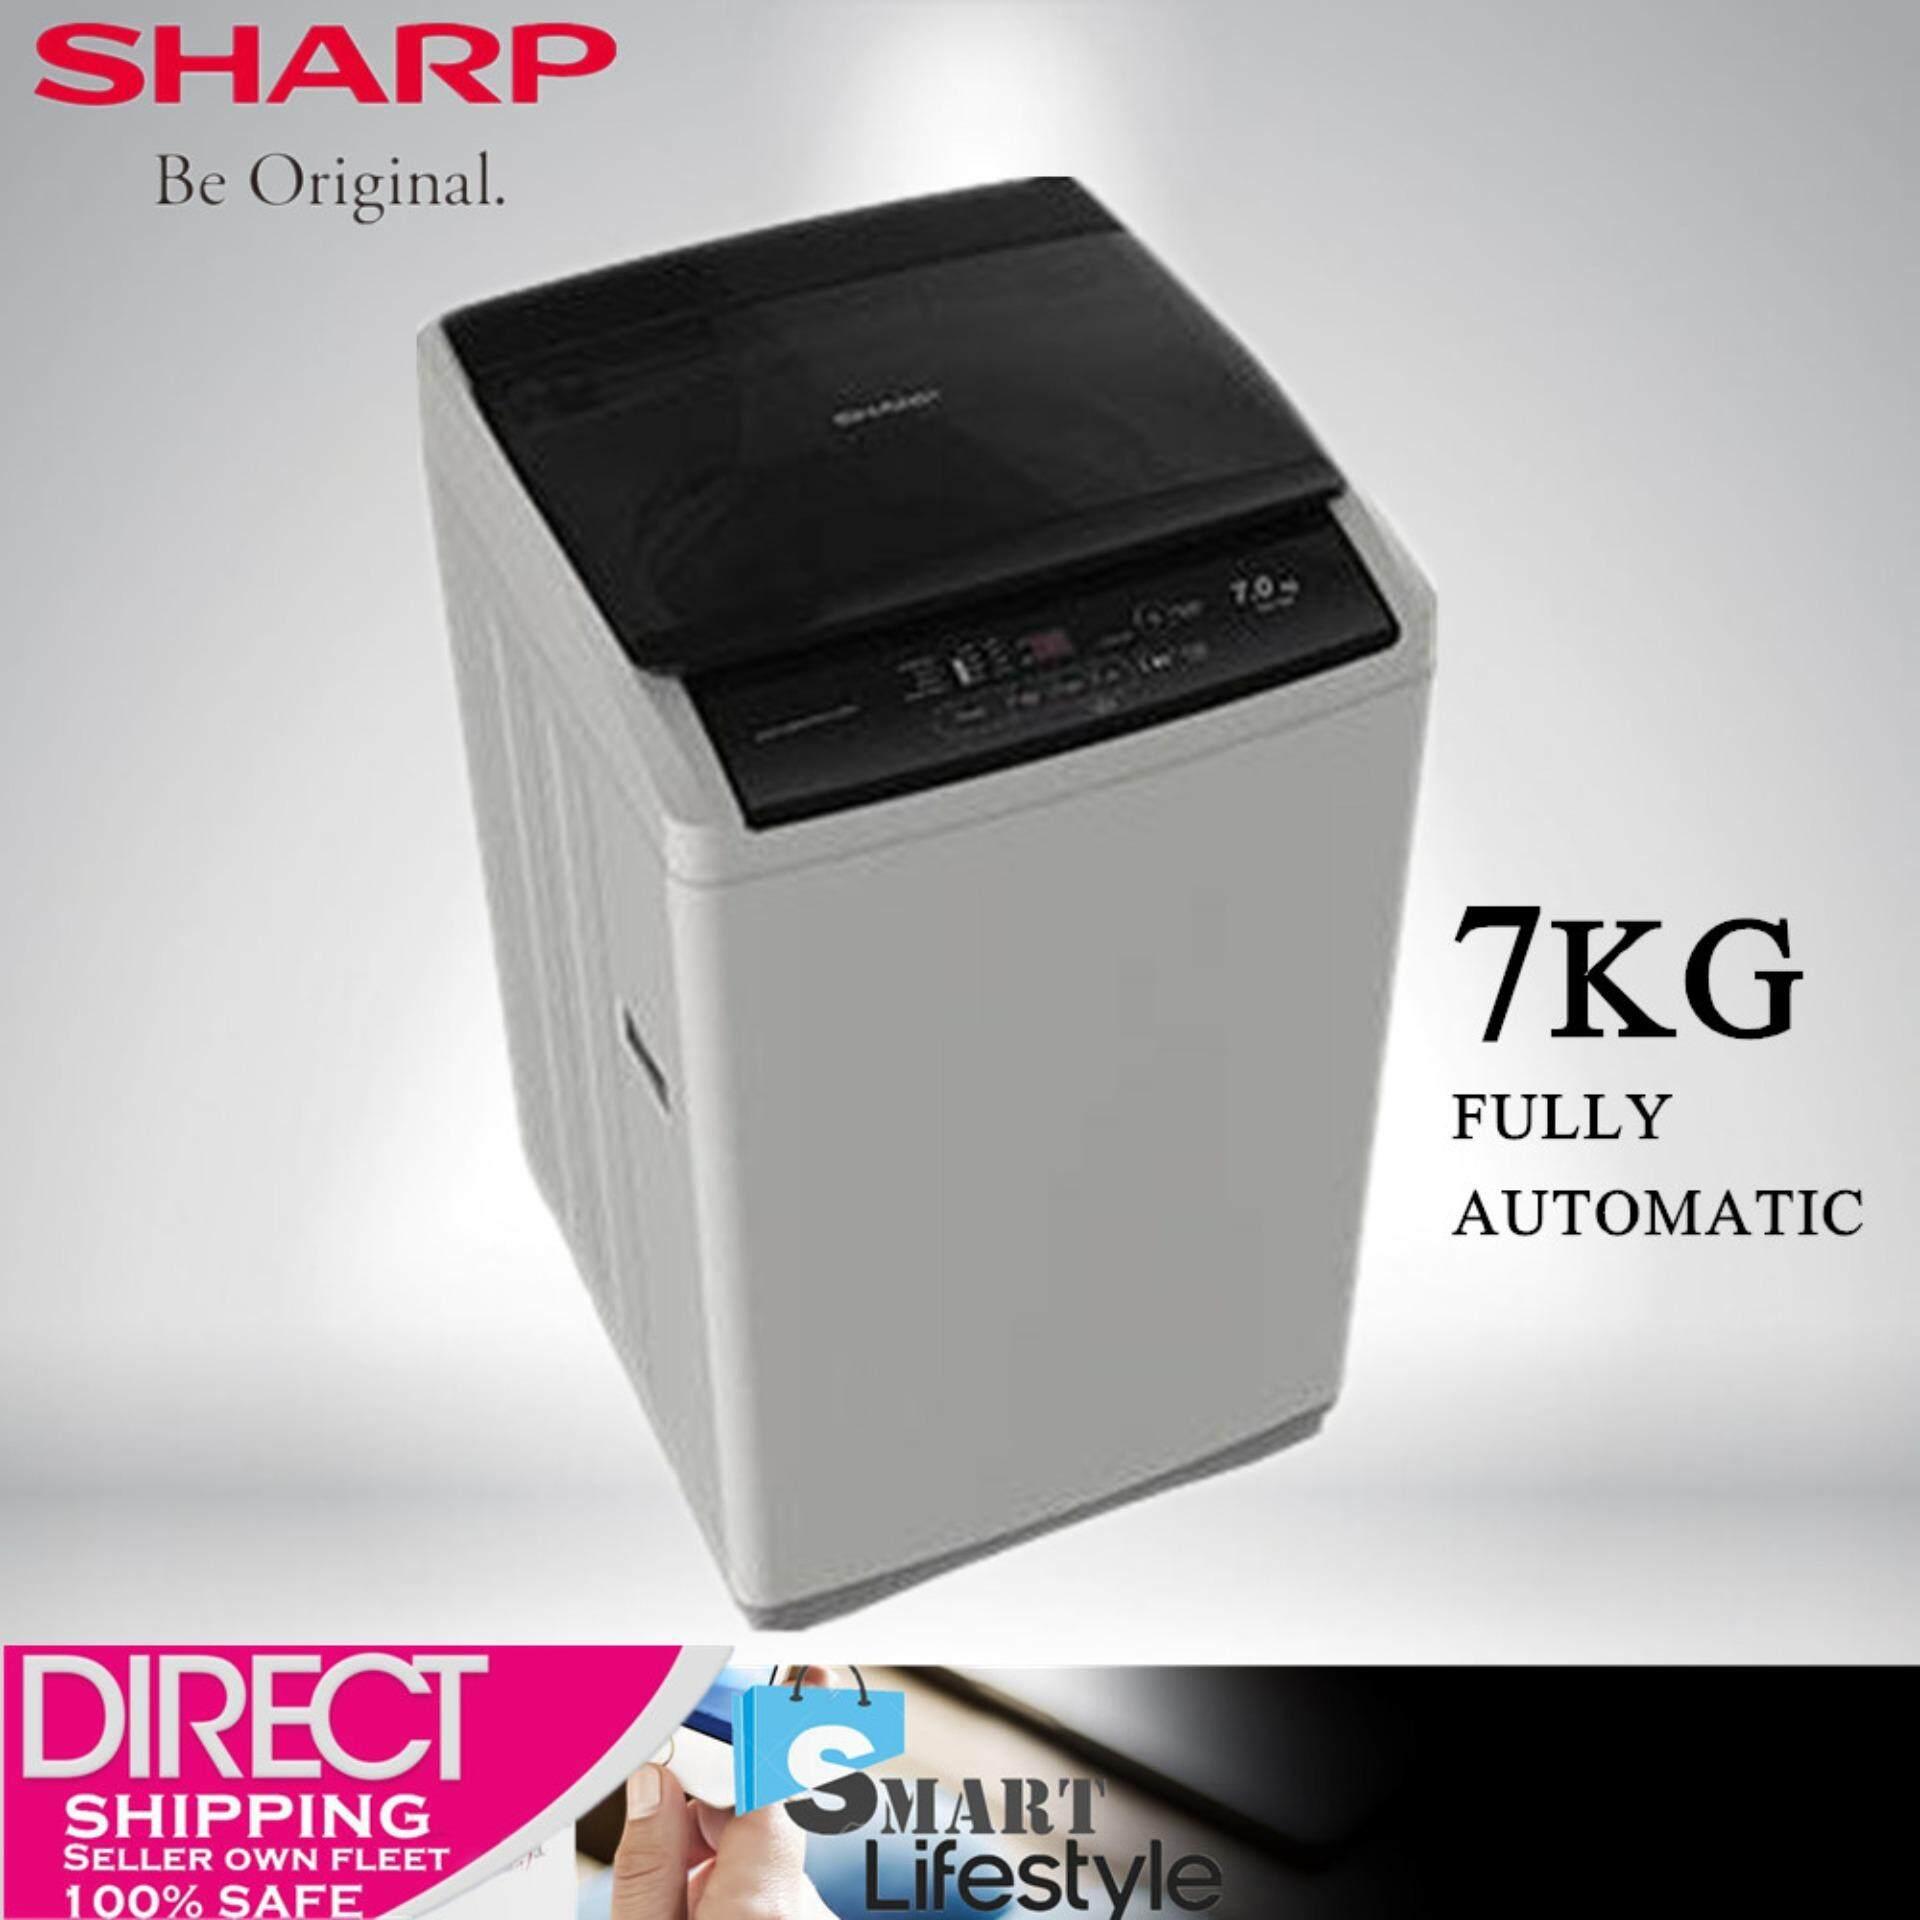 SHARP 7KG Fully Auto Washing Machine ES718X Washer